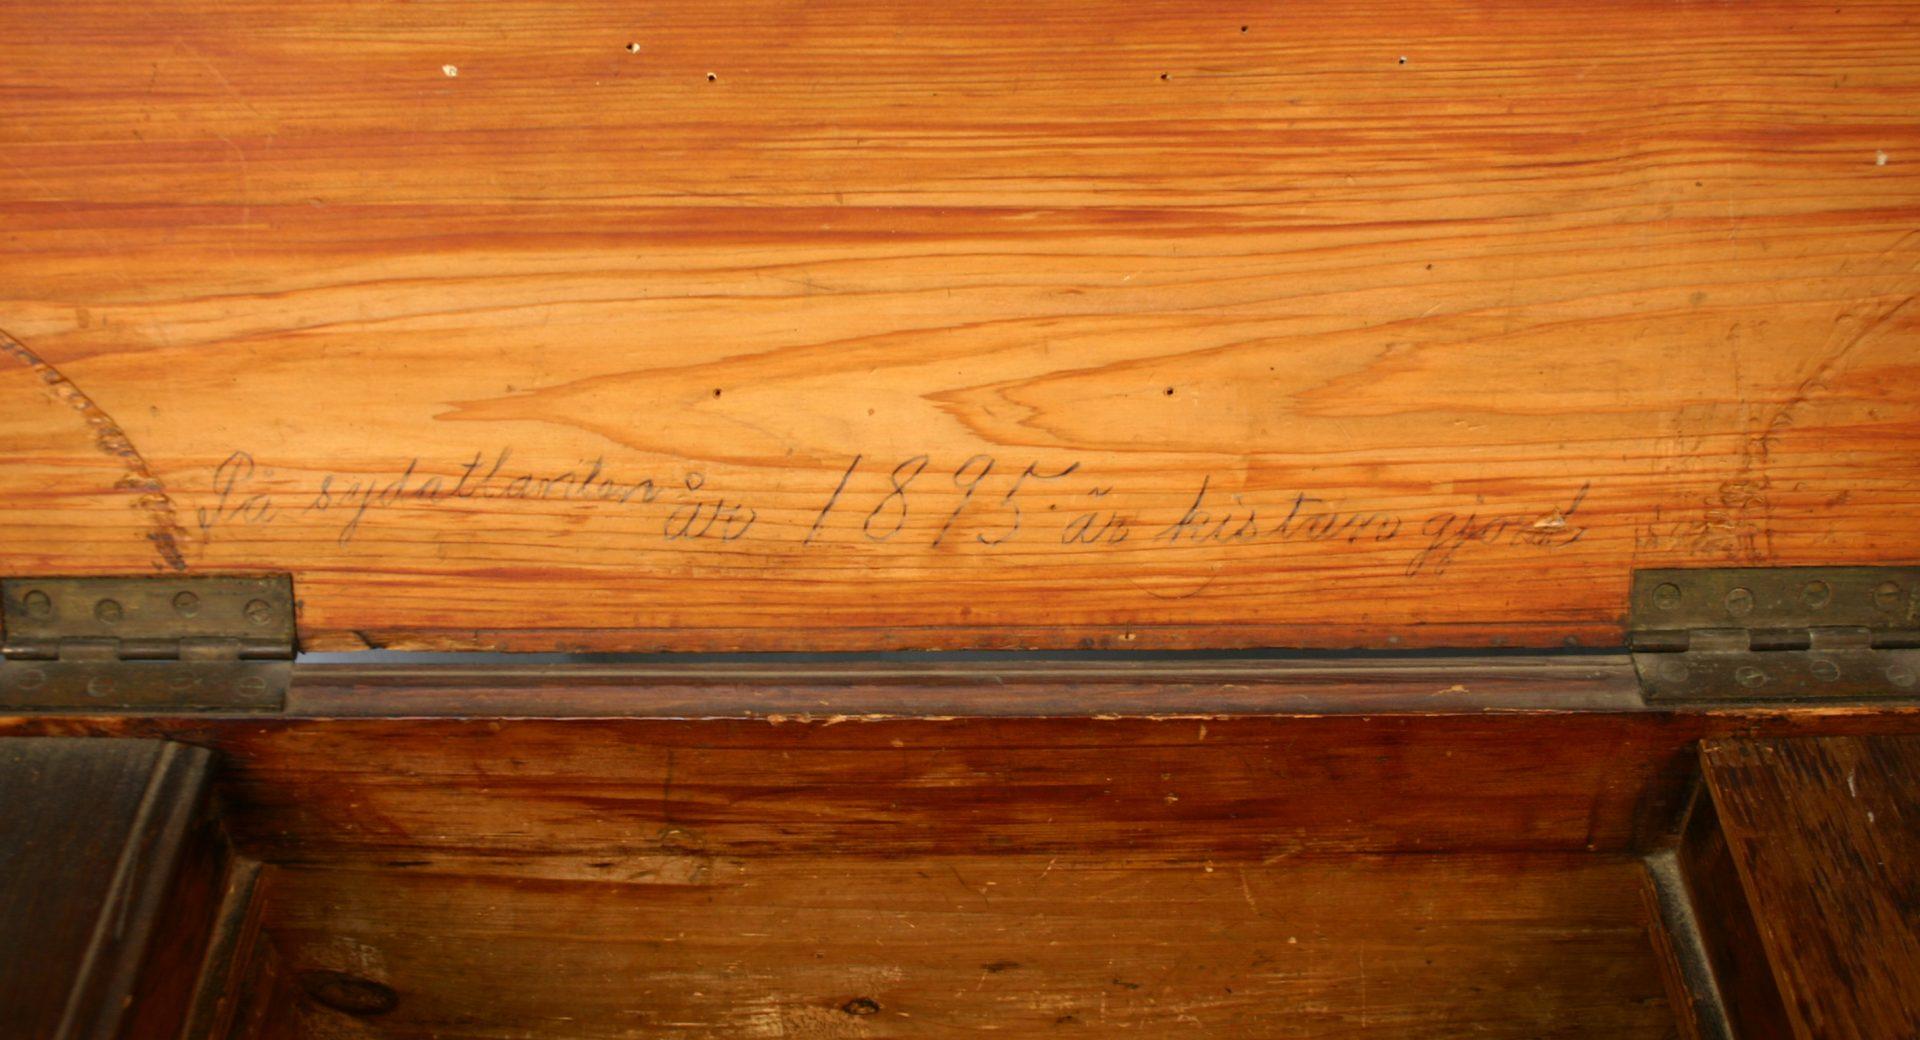 Detaljbild av en träkista med inskription om ägaren.